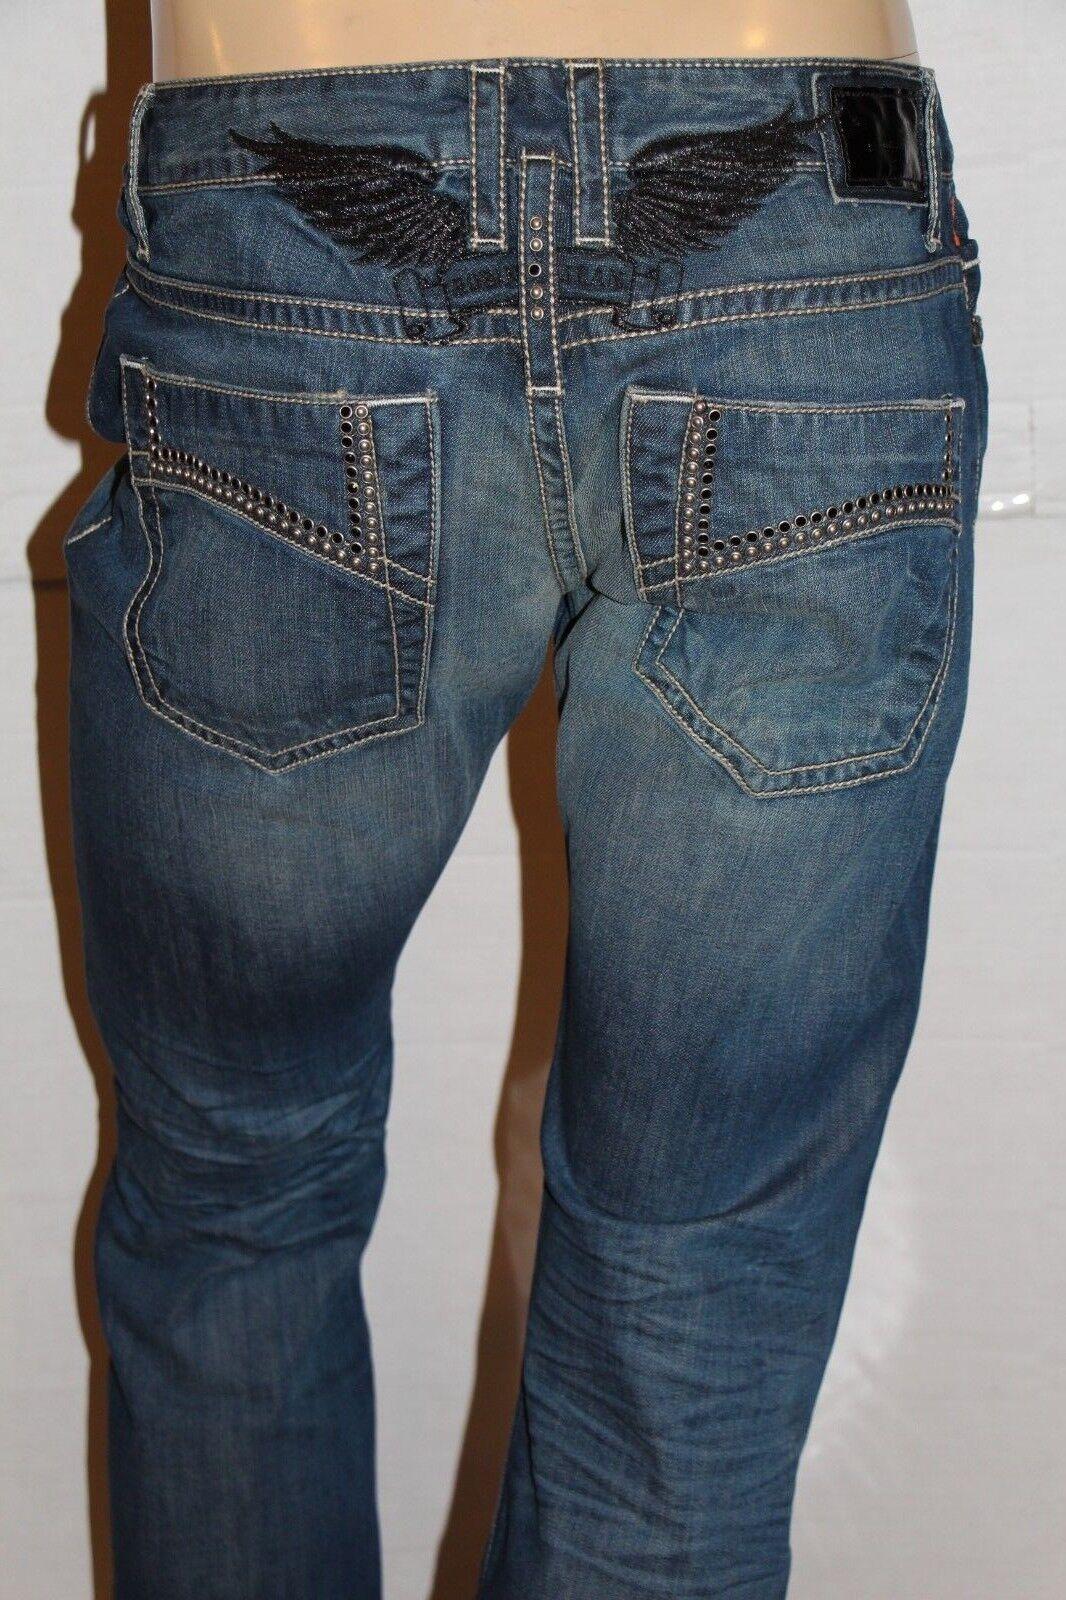 Neu Herren ROTKEHLCHEN Jeans Größe 38  D5471BLK Gerades Bein -blk Sw & Silbernen